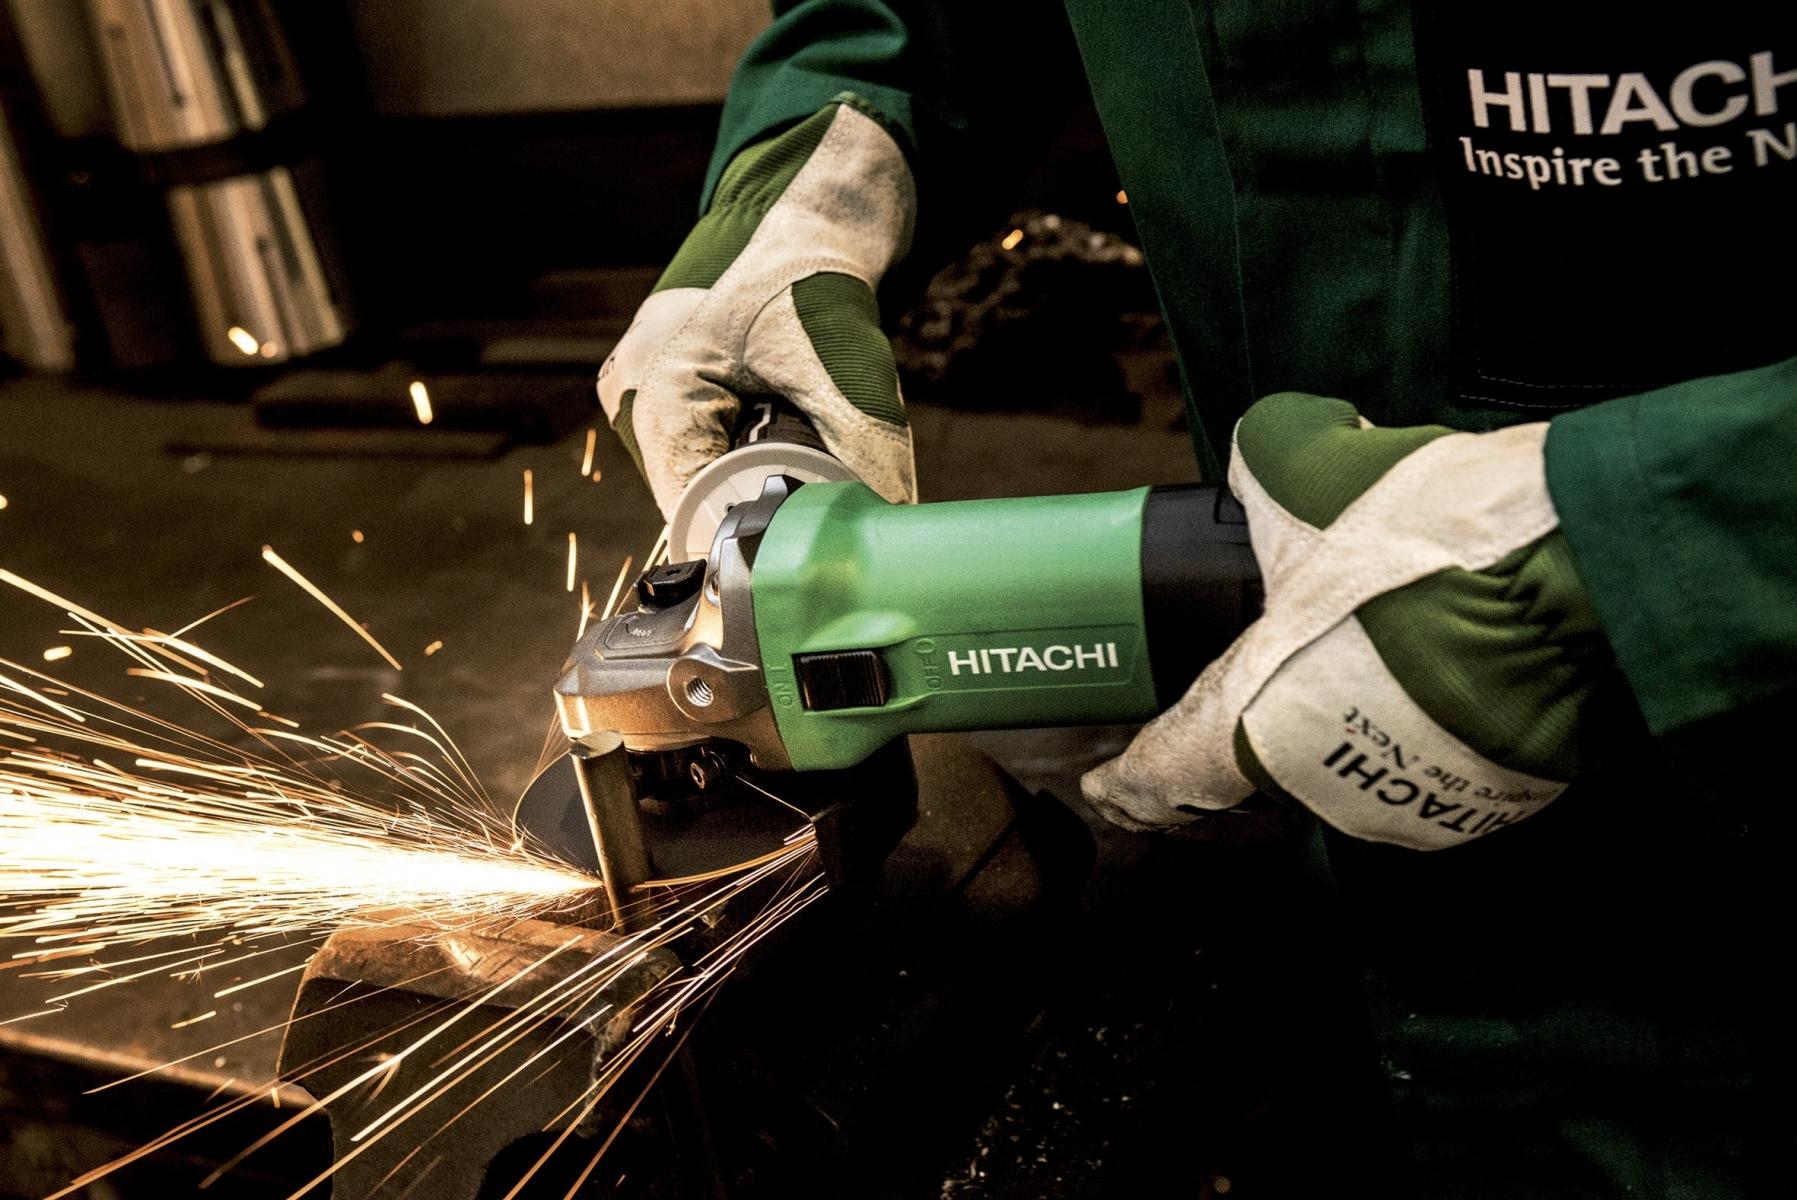 gloves-grind-grinder-266125